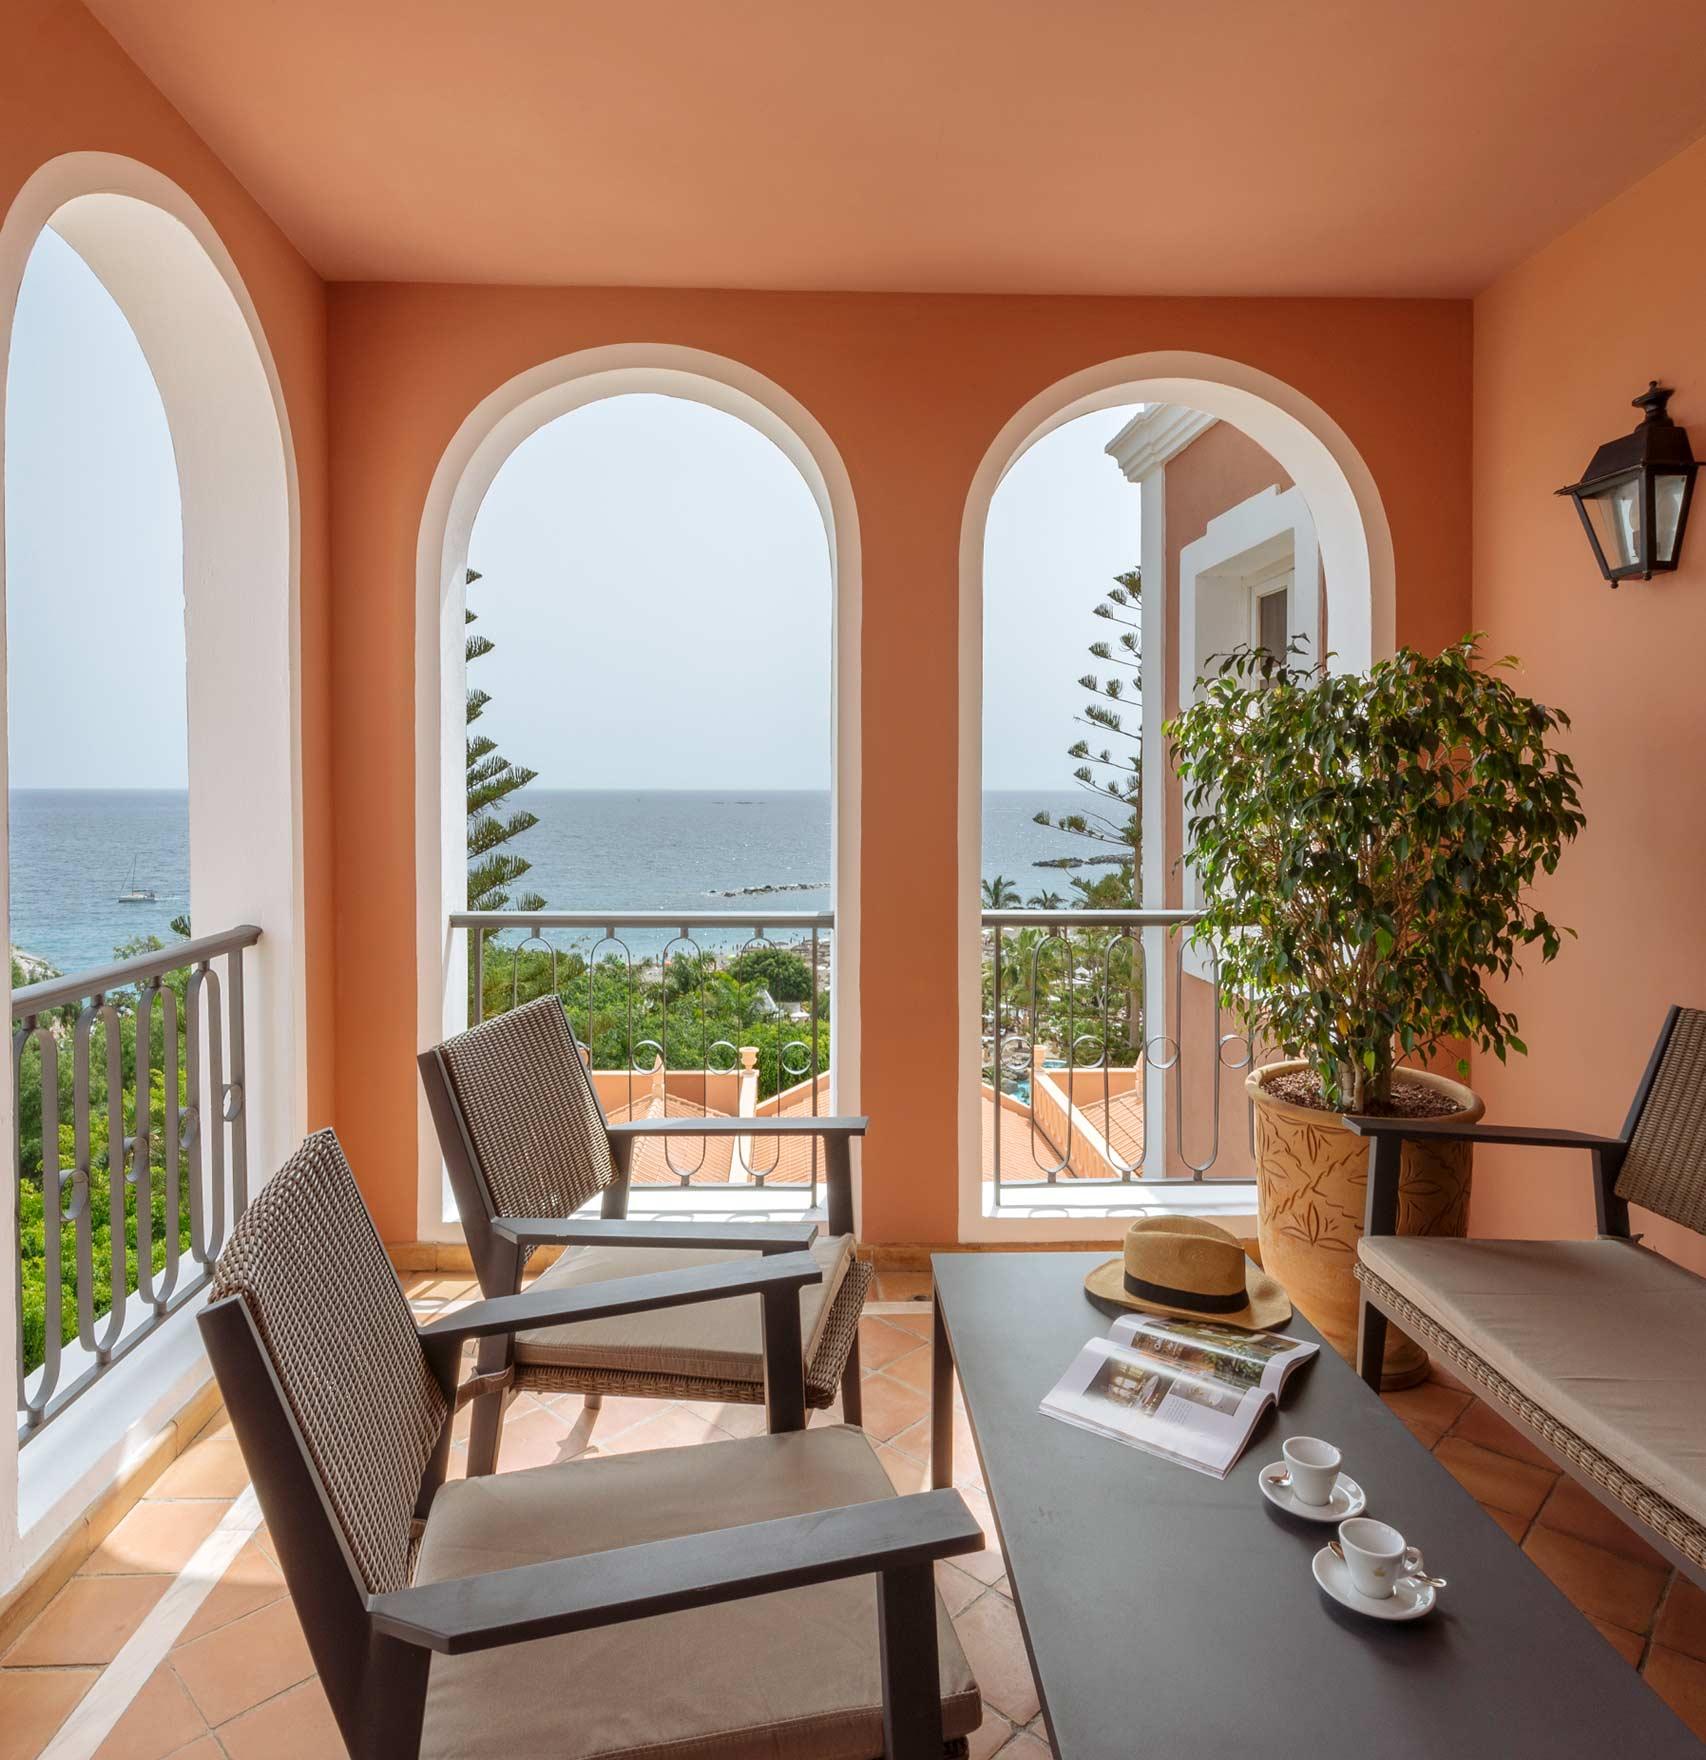 Suite Casas Ducales terrace